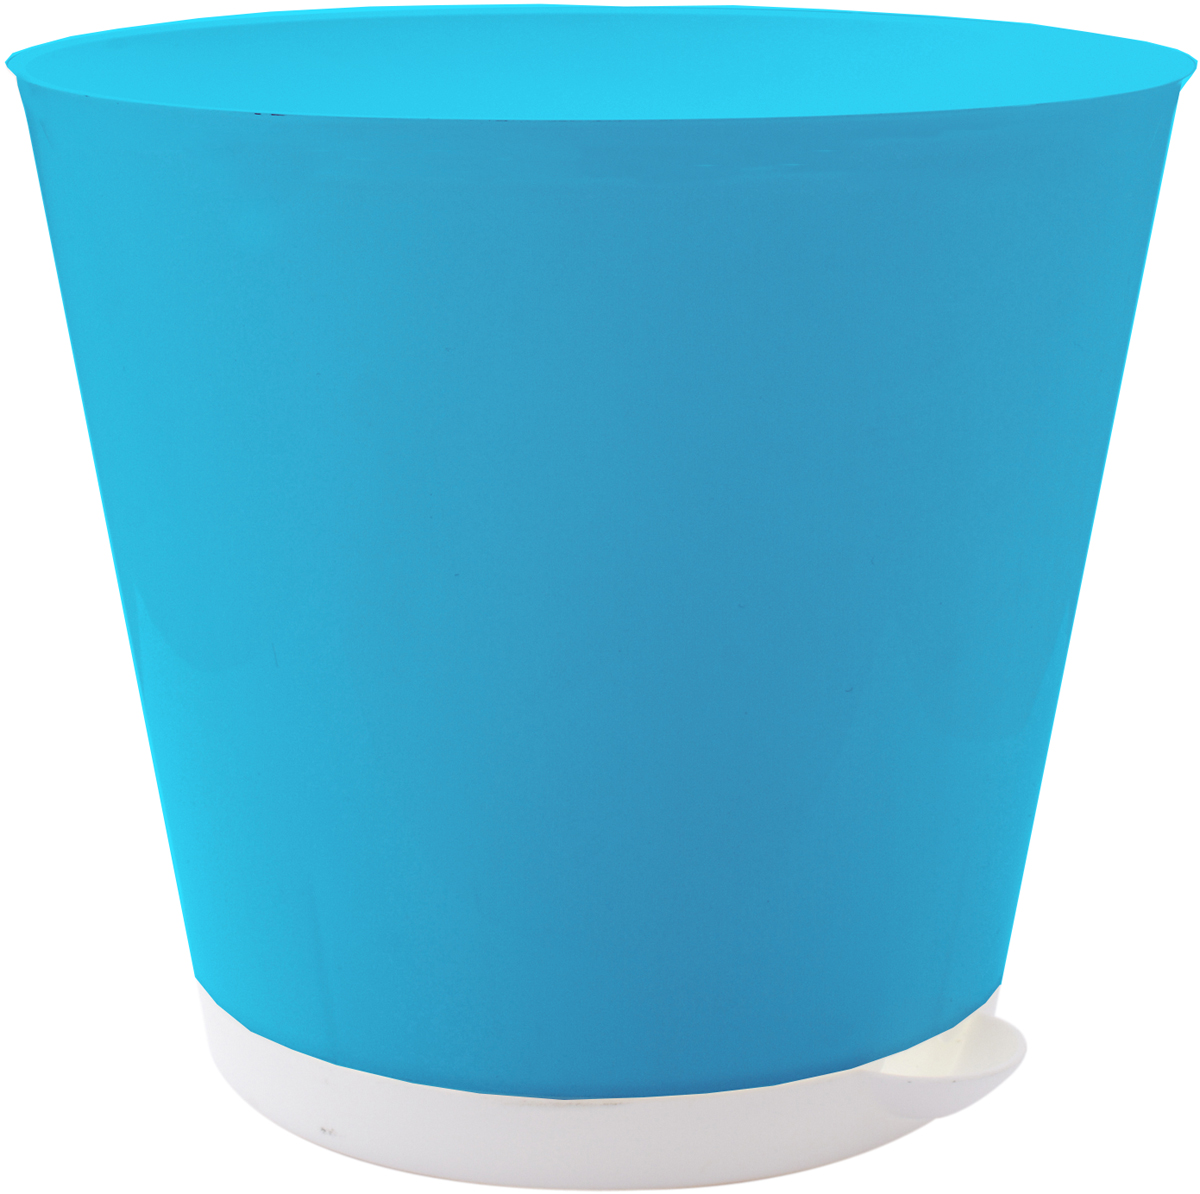 Горшок для цветов InGreen Крит, с системой прикорневого полива, цвет: светло-синий, белый, диаметр 12 смZ-0307Горшок InGreen Крит, выполненный из высококачественного пластика, предназначен для выращивания комнатных цветов, растений и трав. Специальная конструкция обеспечивает вентиляцию в корневой системе растения, а дренажные отверстия позволяют выходить лишней влаге из почвы. Крепежные отверстия и штыри прочно крепят подставку к горшку. Прикорневой полив растения осуществляется через удобный носик. Система прикорневого полива позволяет оставлять комнатное растение без внимания тем, кто часто находится в командировках или собирается в отпуск и не имеет возможности вовремя поливать цветы.Такой горшок порадует вас современным дизайном и функциональностью, а также оригинально украсит интерьер любого помещения. Диаметр горшка (по верхнему краю): 12 см.Высота горшка: 11,2 см. .